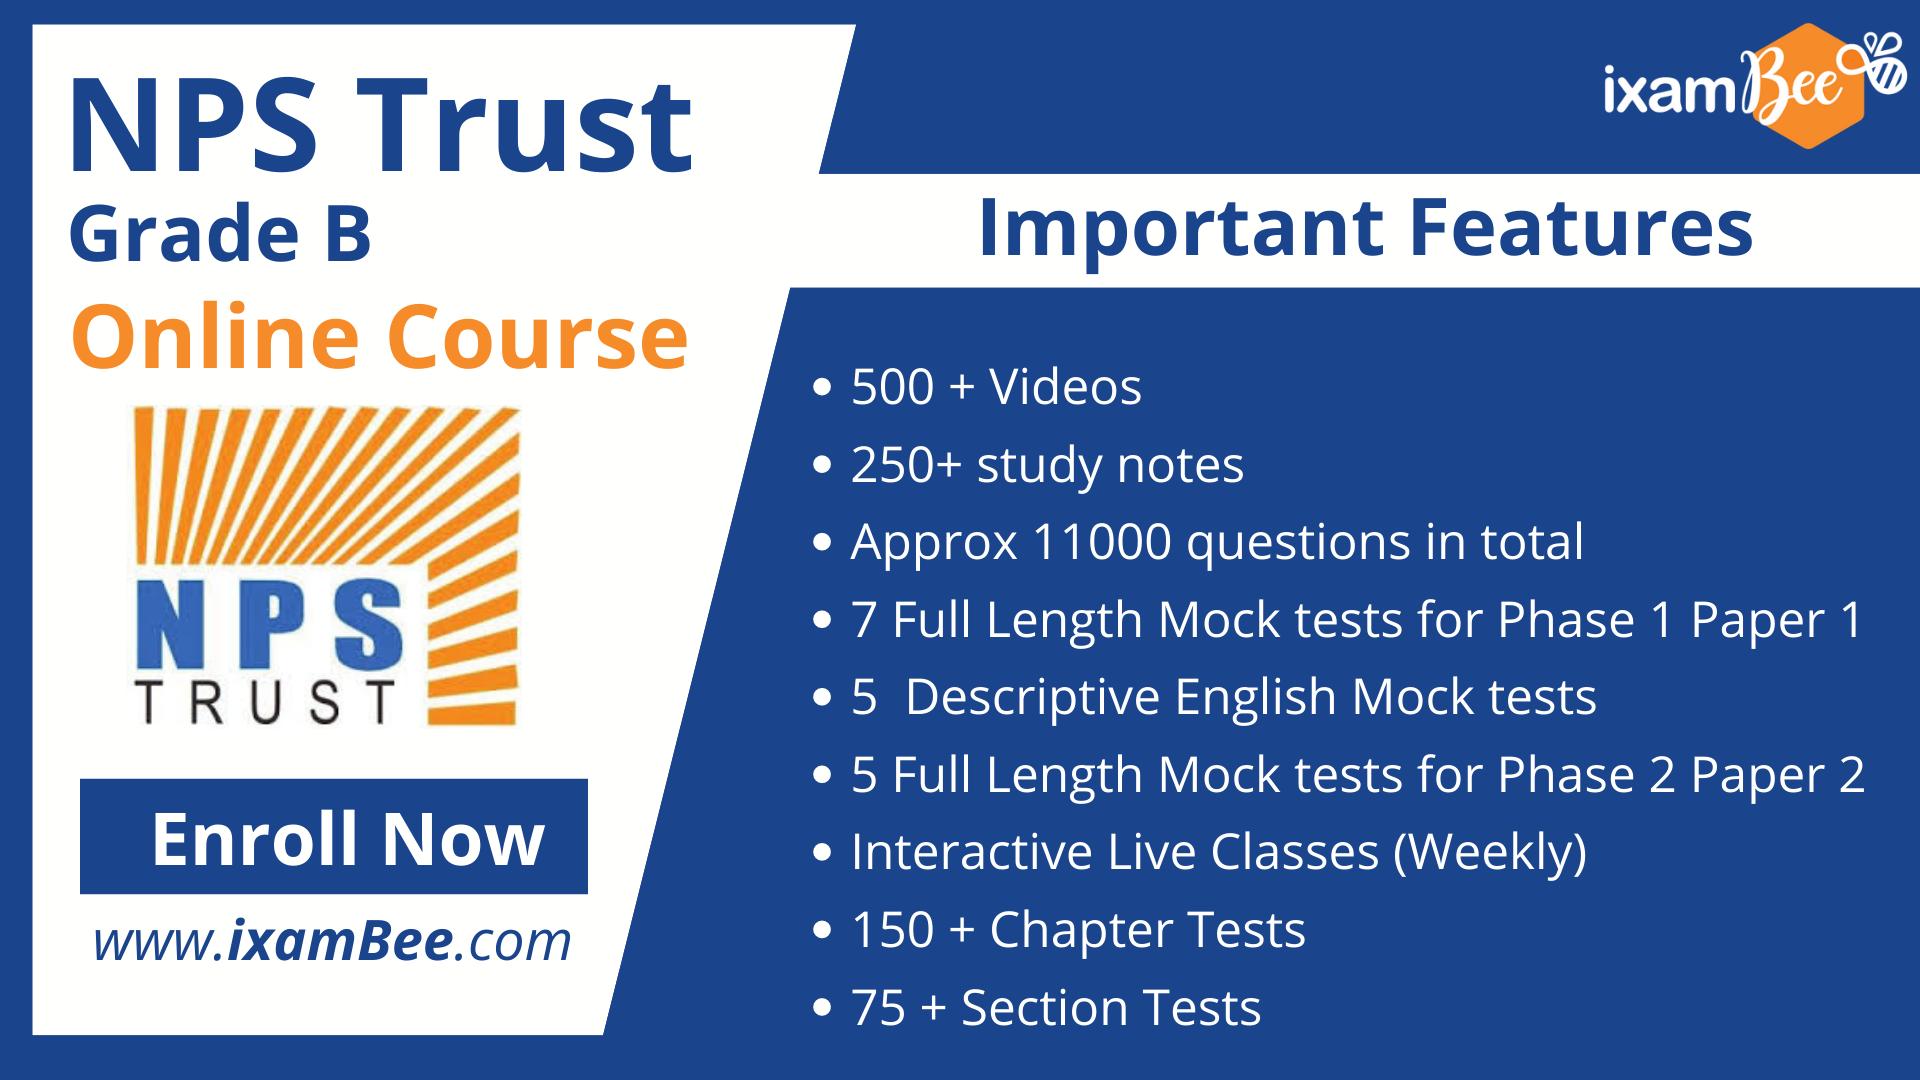 NPS Trust Grade B Online Course